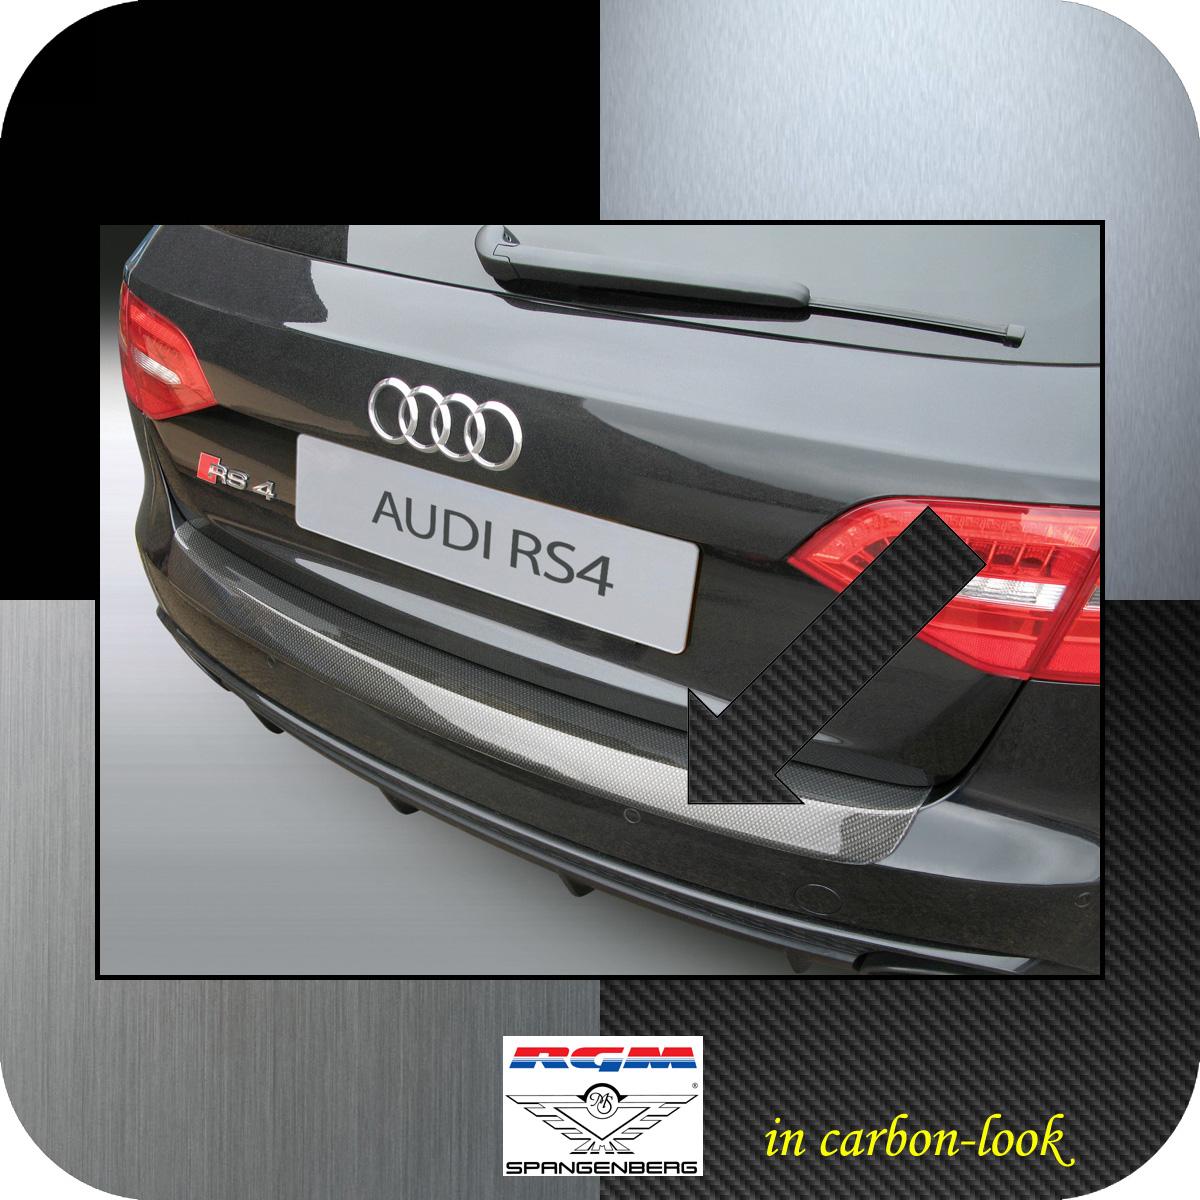 Ladekantenschutz Carbon-Look Audi A4 Avant B8 nur RS4 Quattro 2012-16 3509699